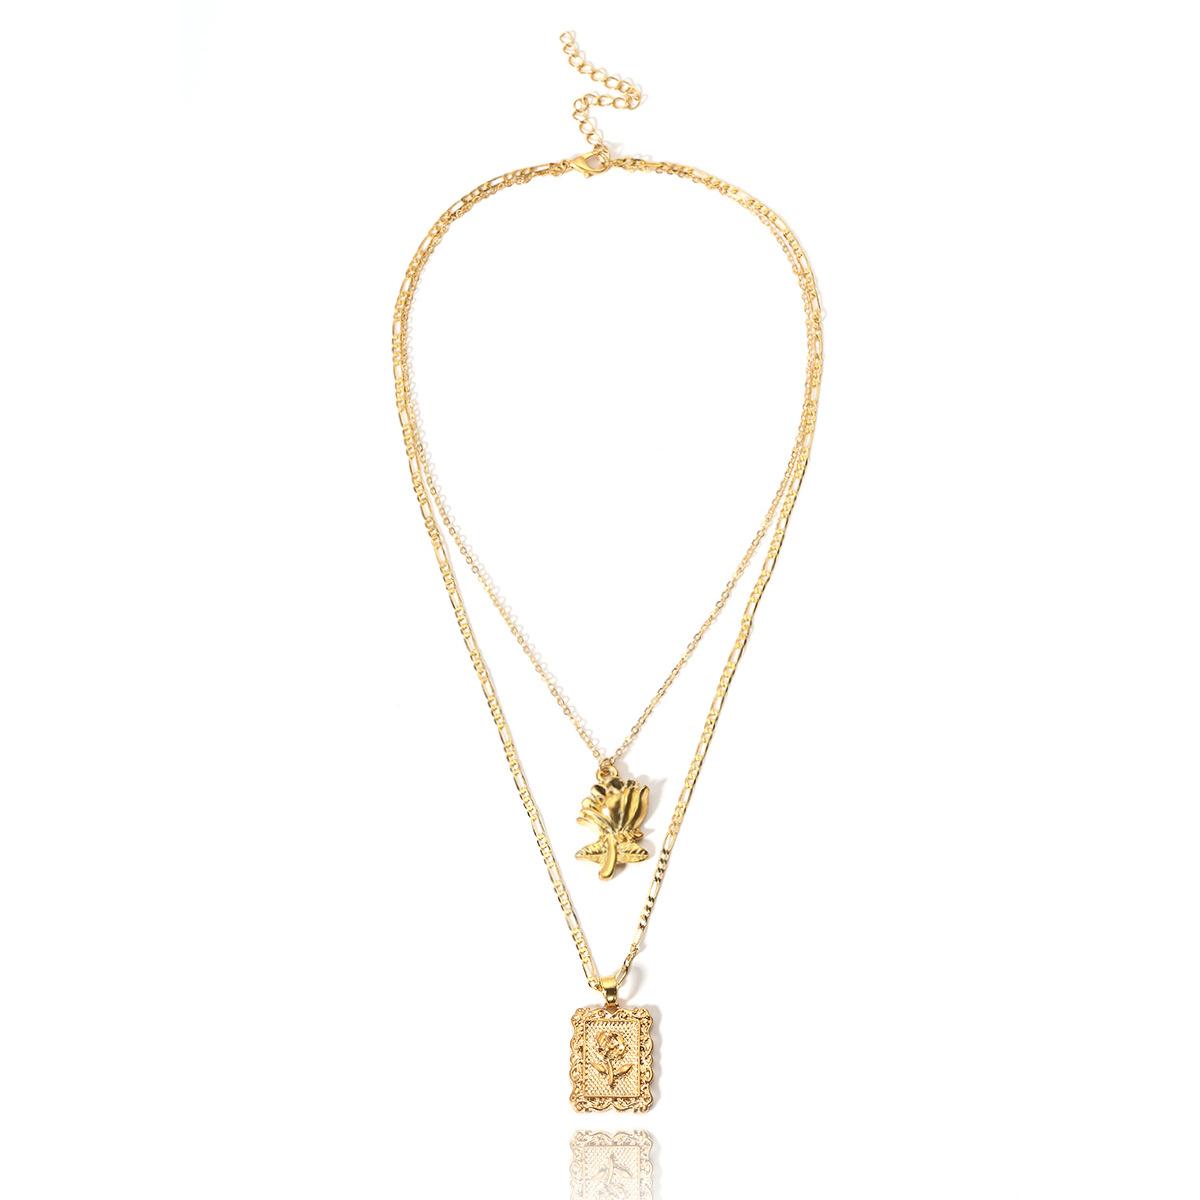 cd4a90ea6 مصادر شركات تصنيع الذهب الطبقات سلسلة قلادة والذهب الطبقات سلسلة قلادة في  Alibaba.com